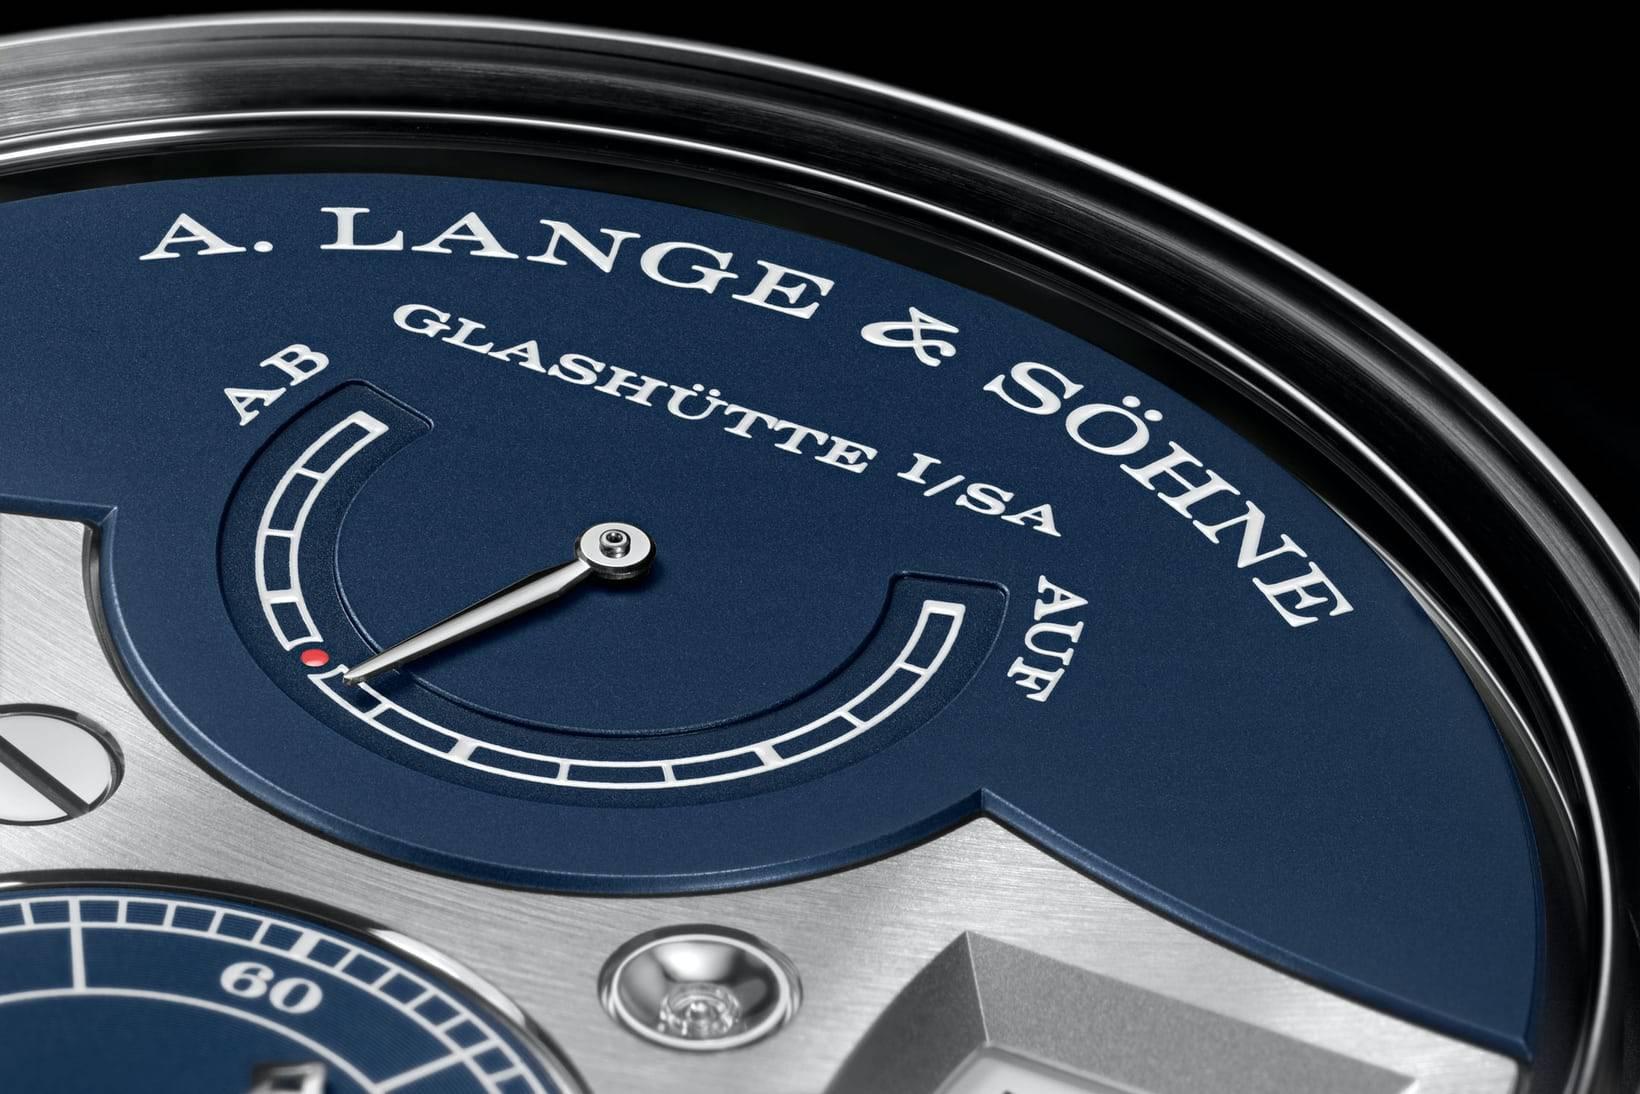 A. Lange & Sohne Timepiece